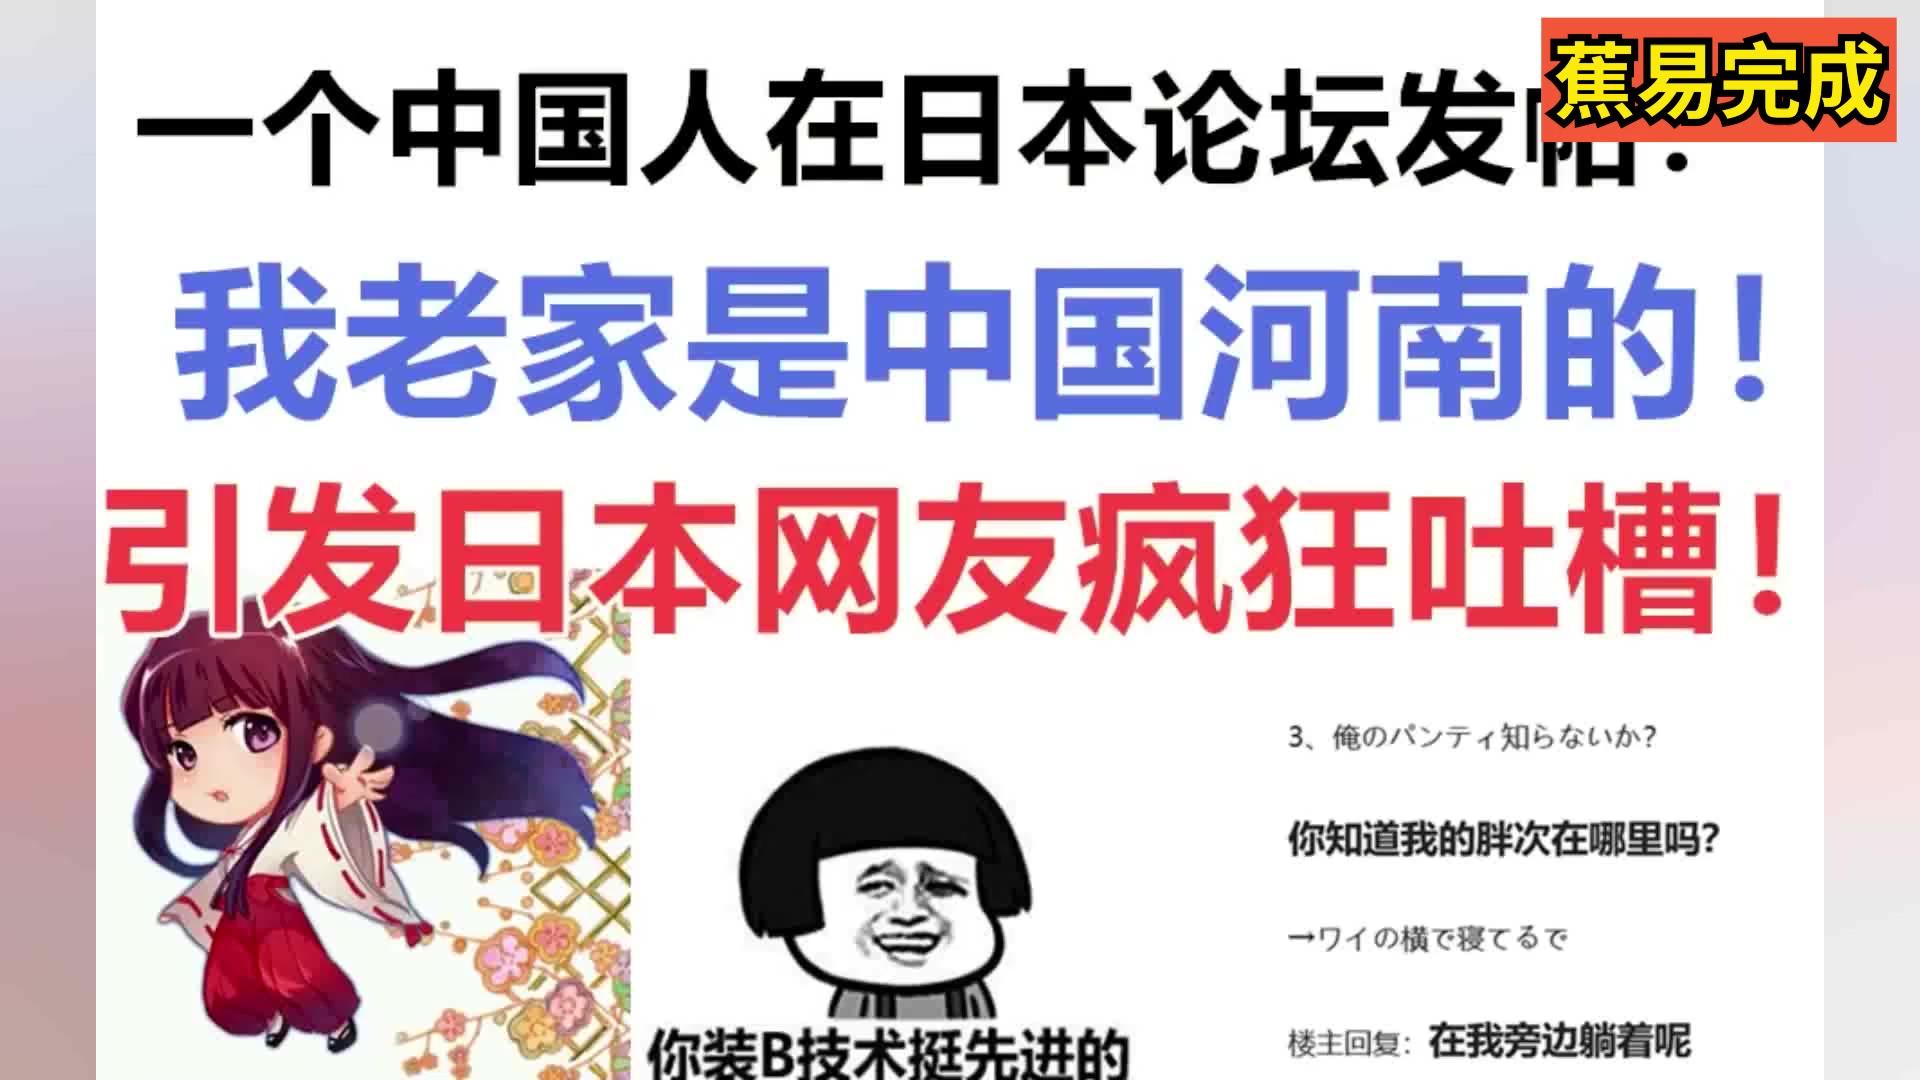 一个中国人在日本论坛发帖:我老家是中国河南的!日本网友评论疯了!